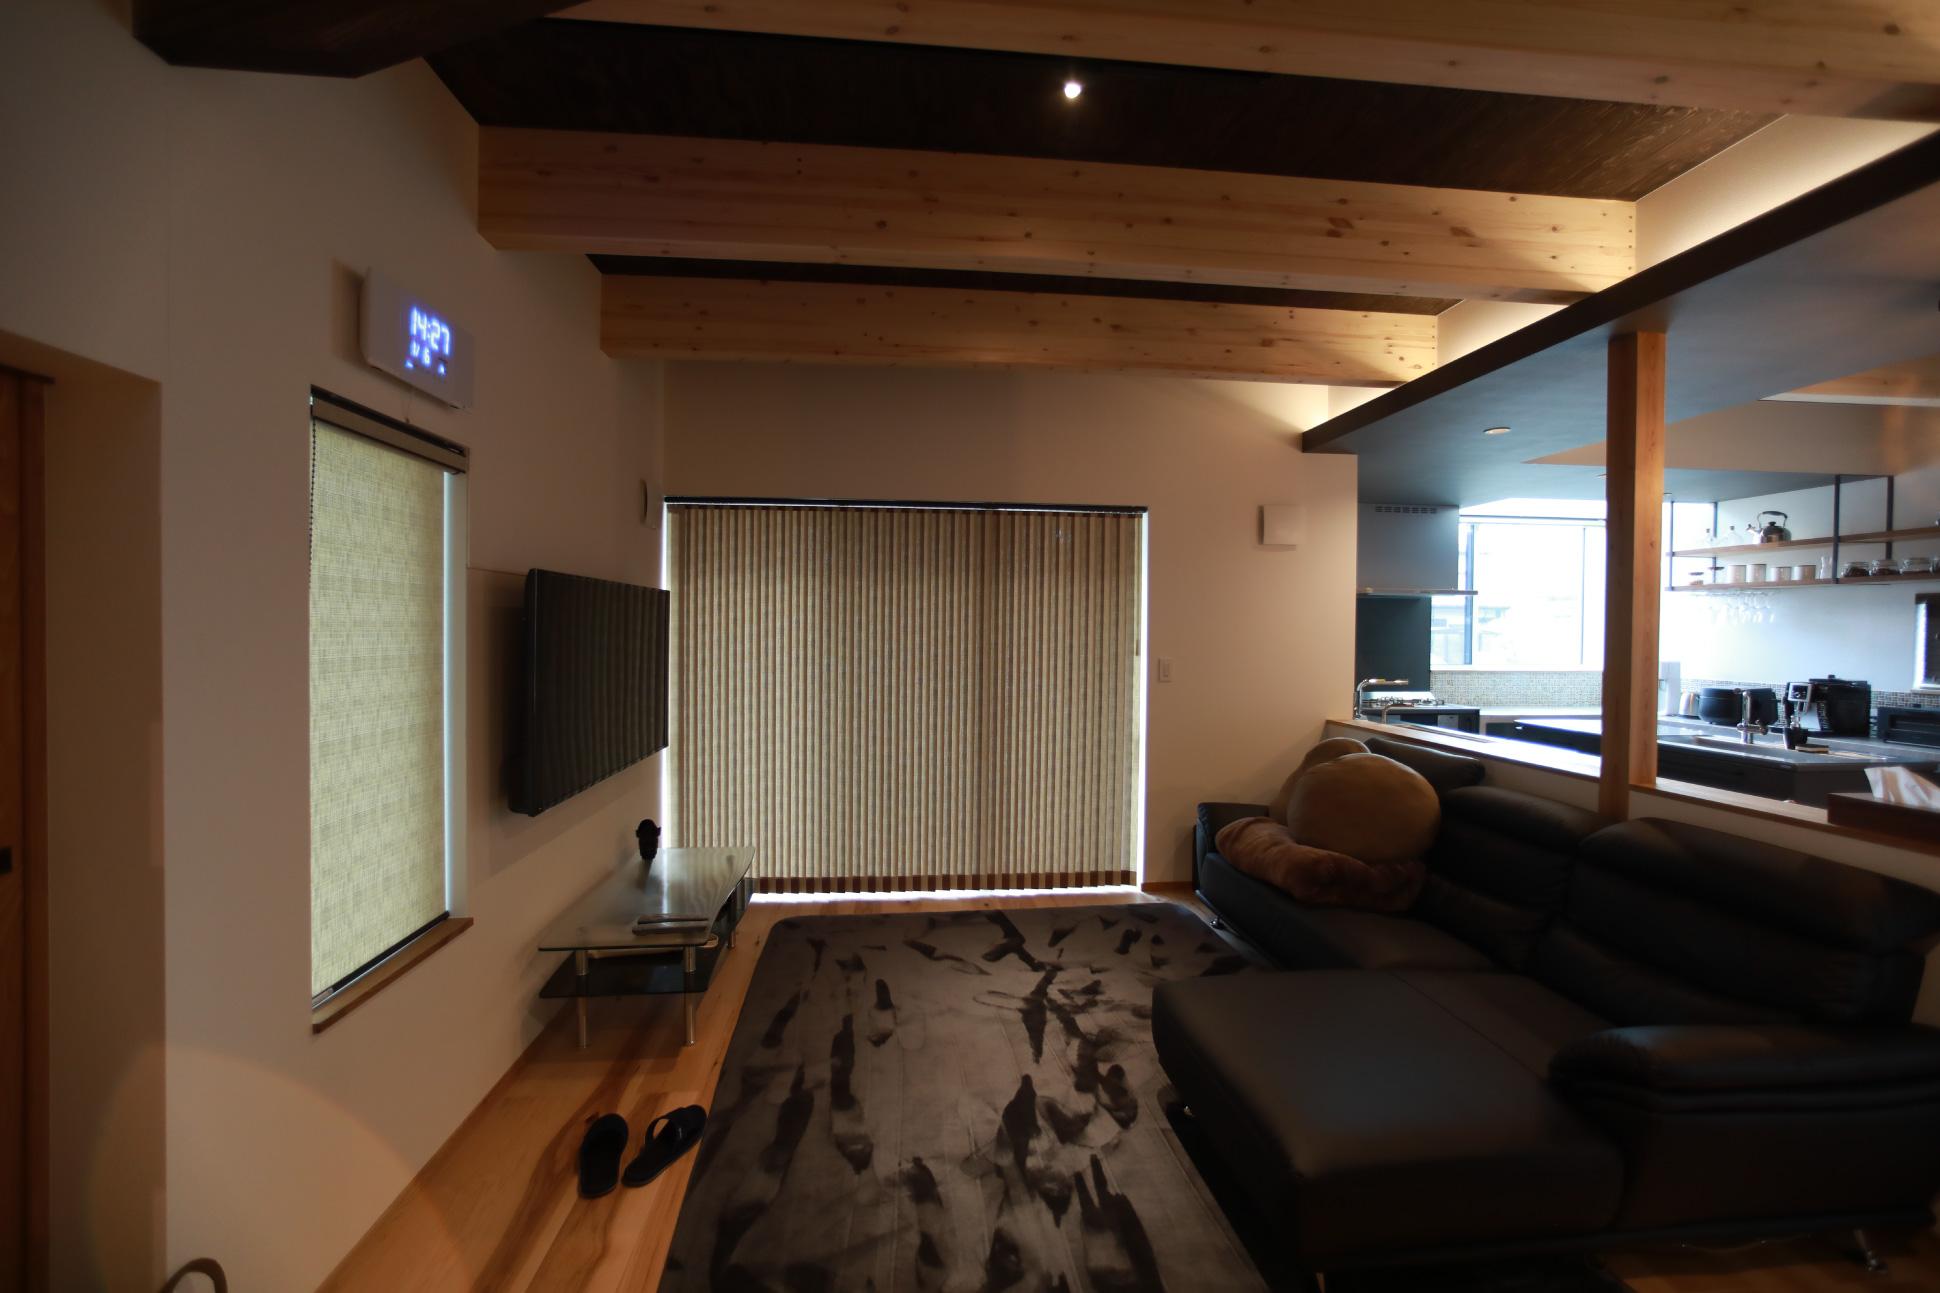 高い天井でも空間を落ち着かせるデザインの黒天井:君津市戸建て新築